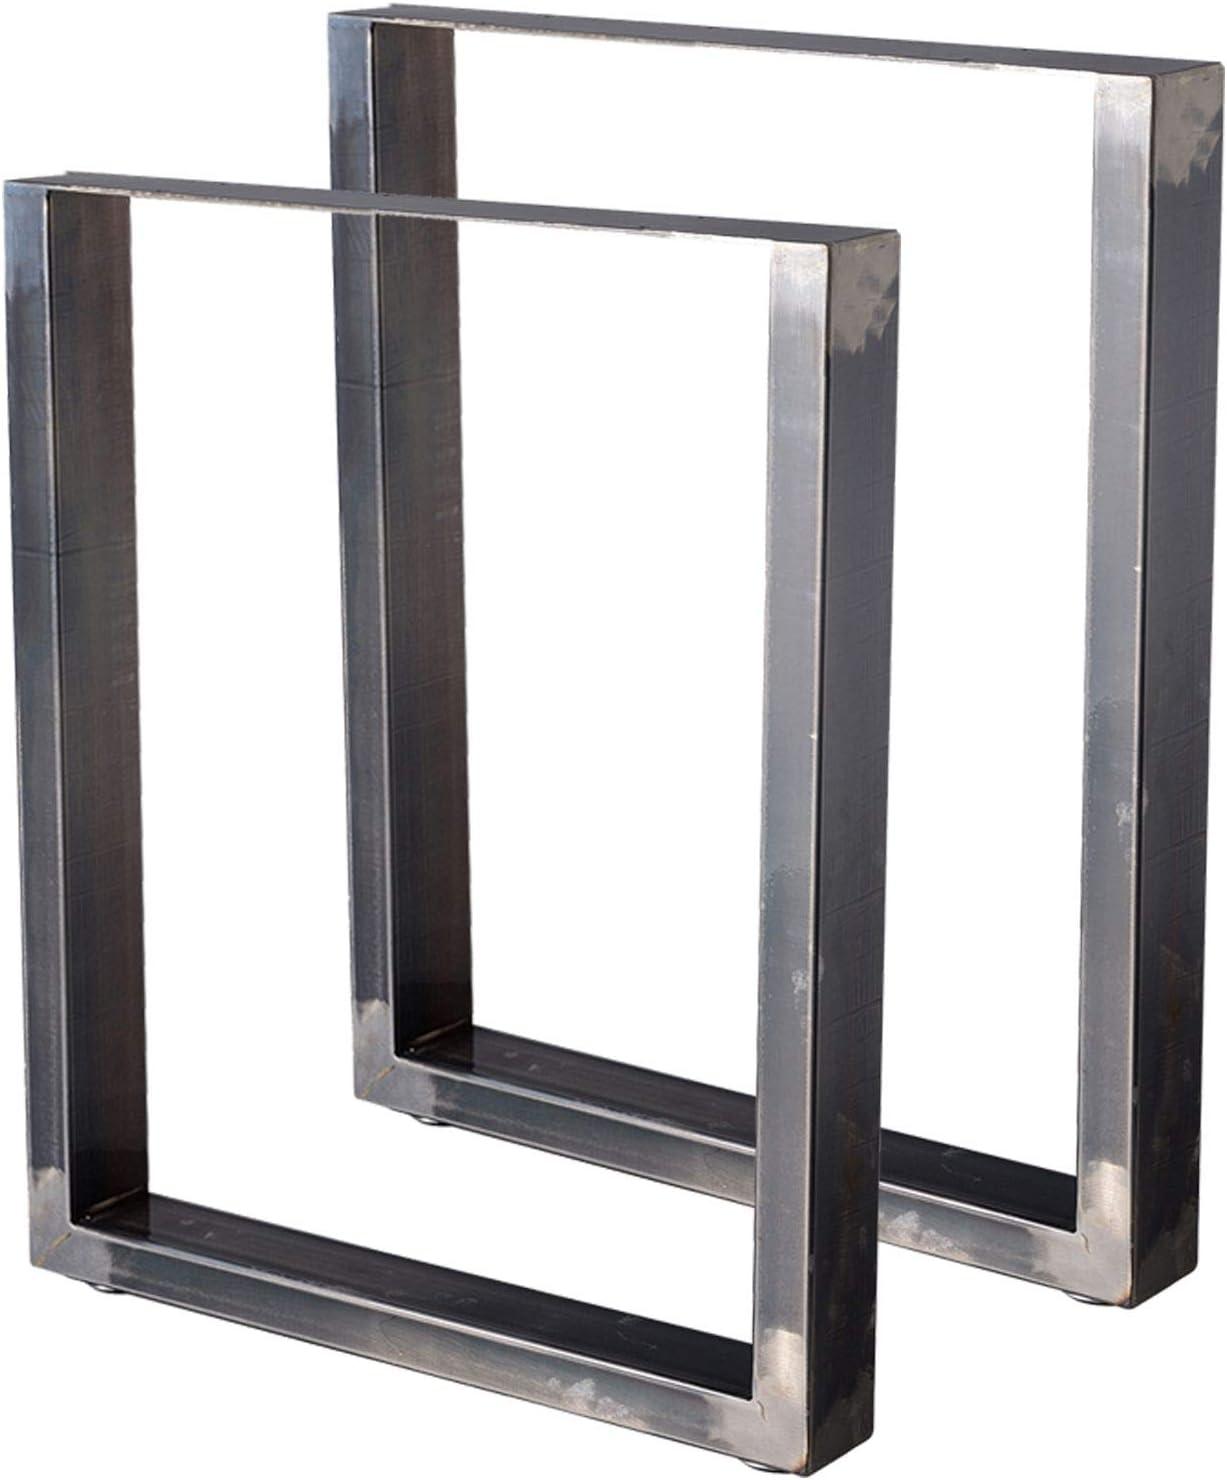 B 80 x H Zelsius Tischbeine Tischkufen Tischgestell 2 St/ück Metall Kufen Rohstahl oder Grau I verschiedene Gr/ö/ßen I Industrie Rohstahl transparent lackiert 72 cm